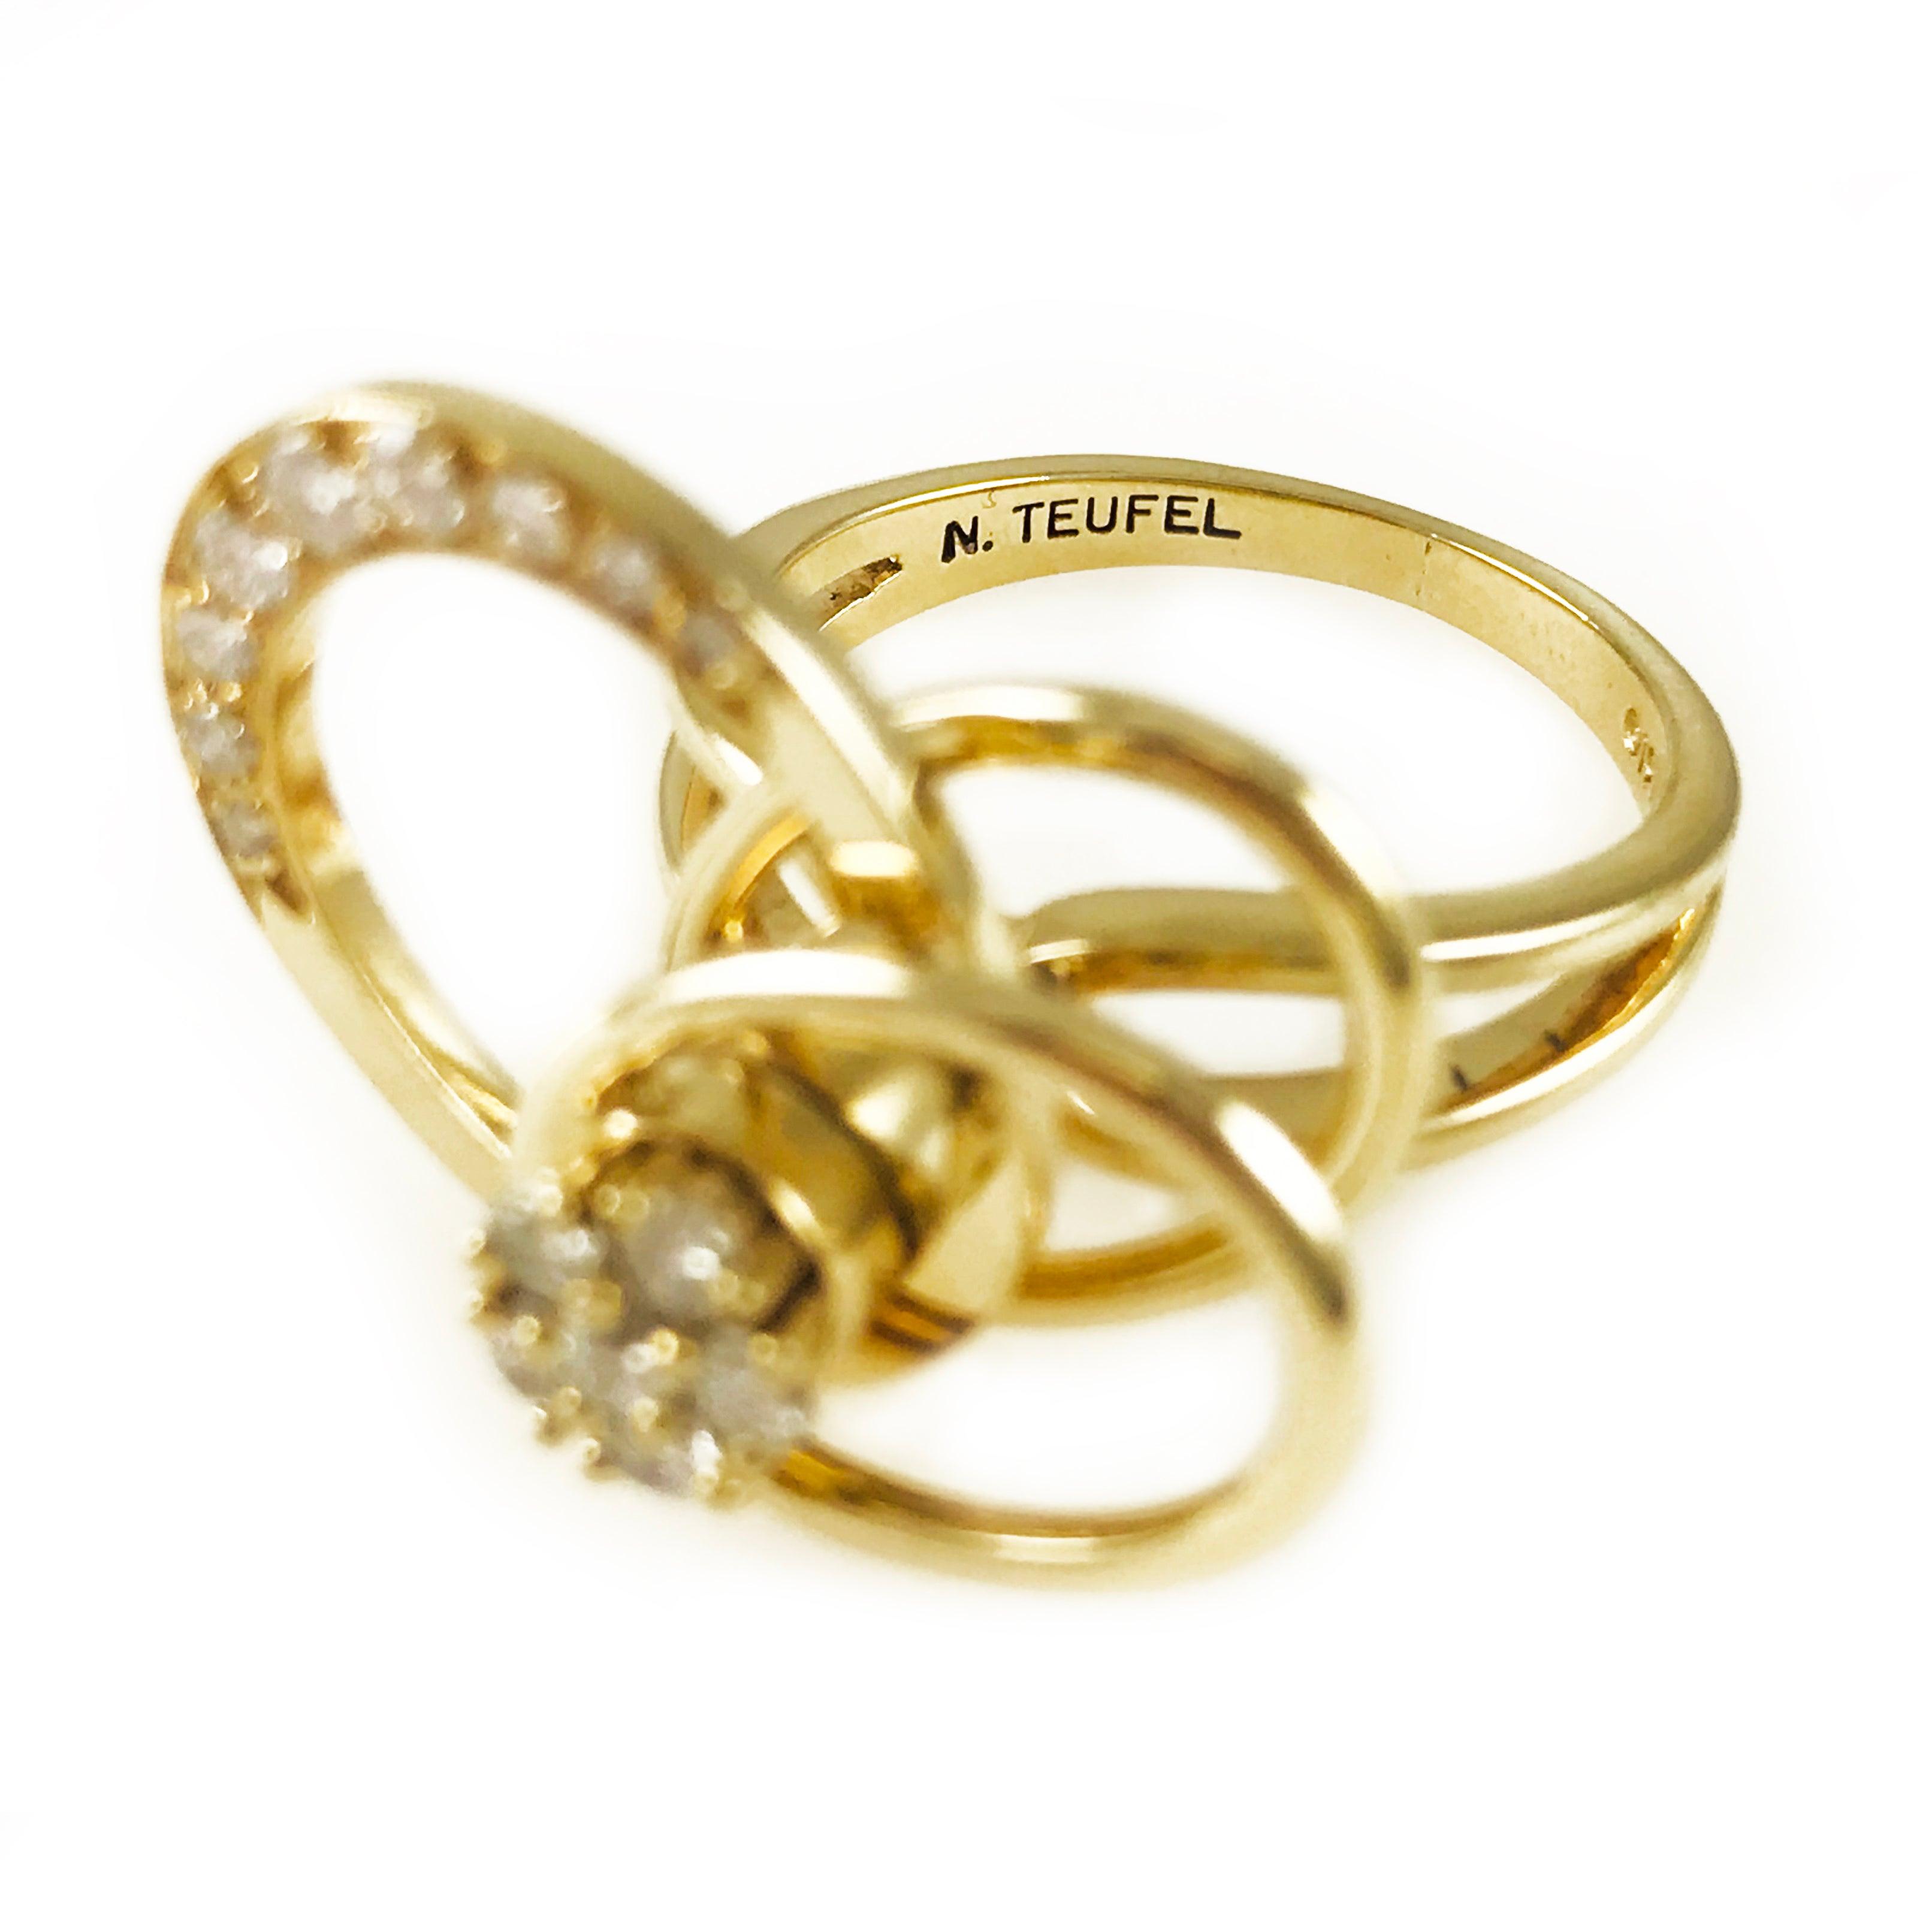 Vintage norman teufel karat gold original swinger ring circa at stdibs jpg  3224x3224 Teufel motion rings